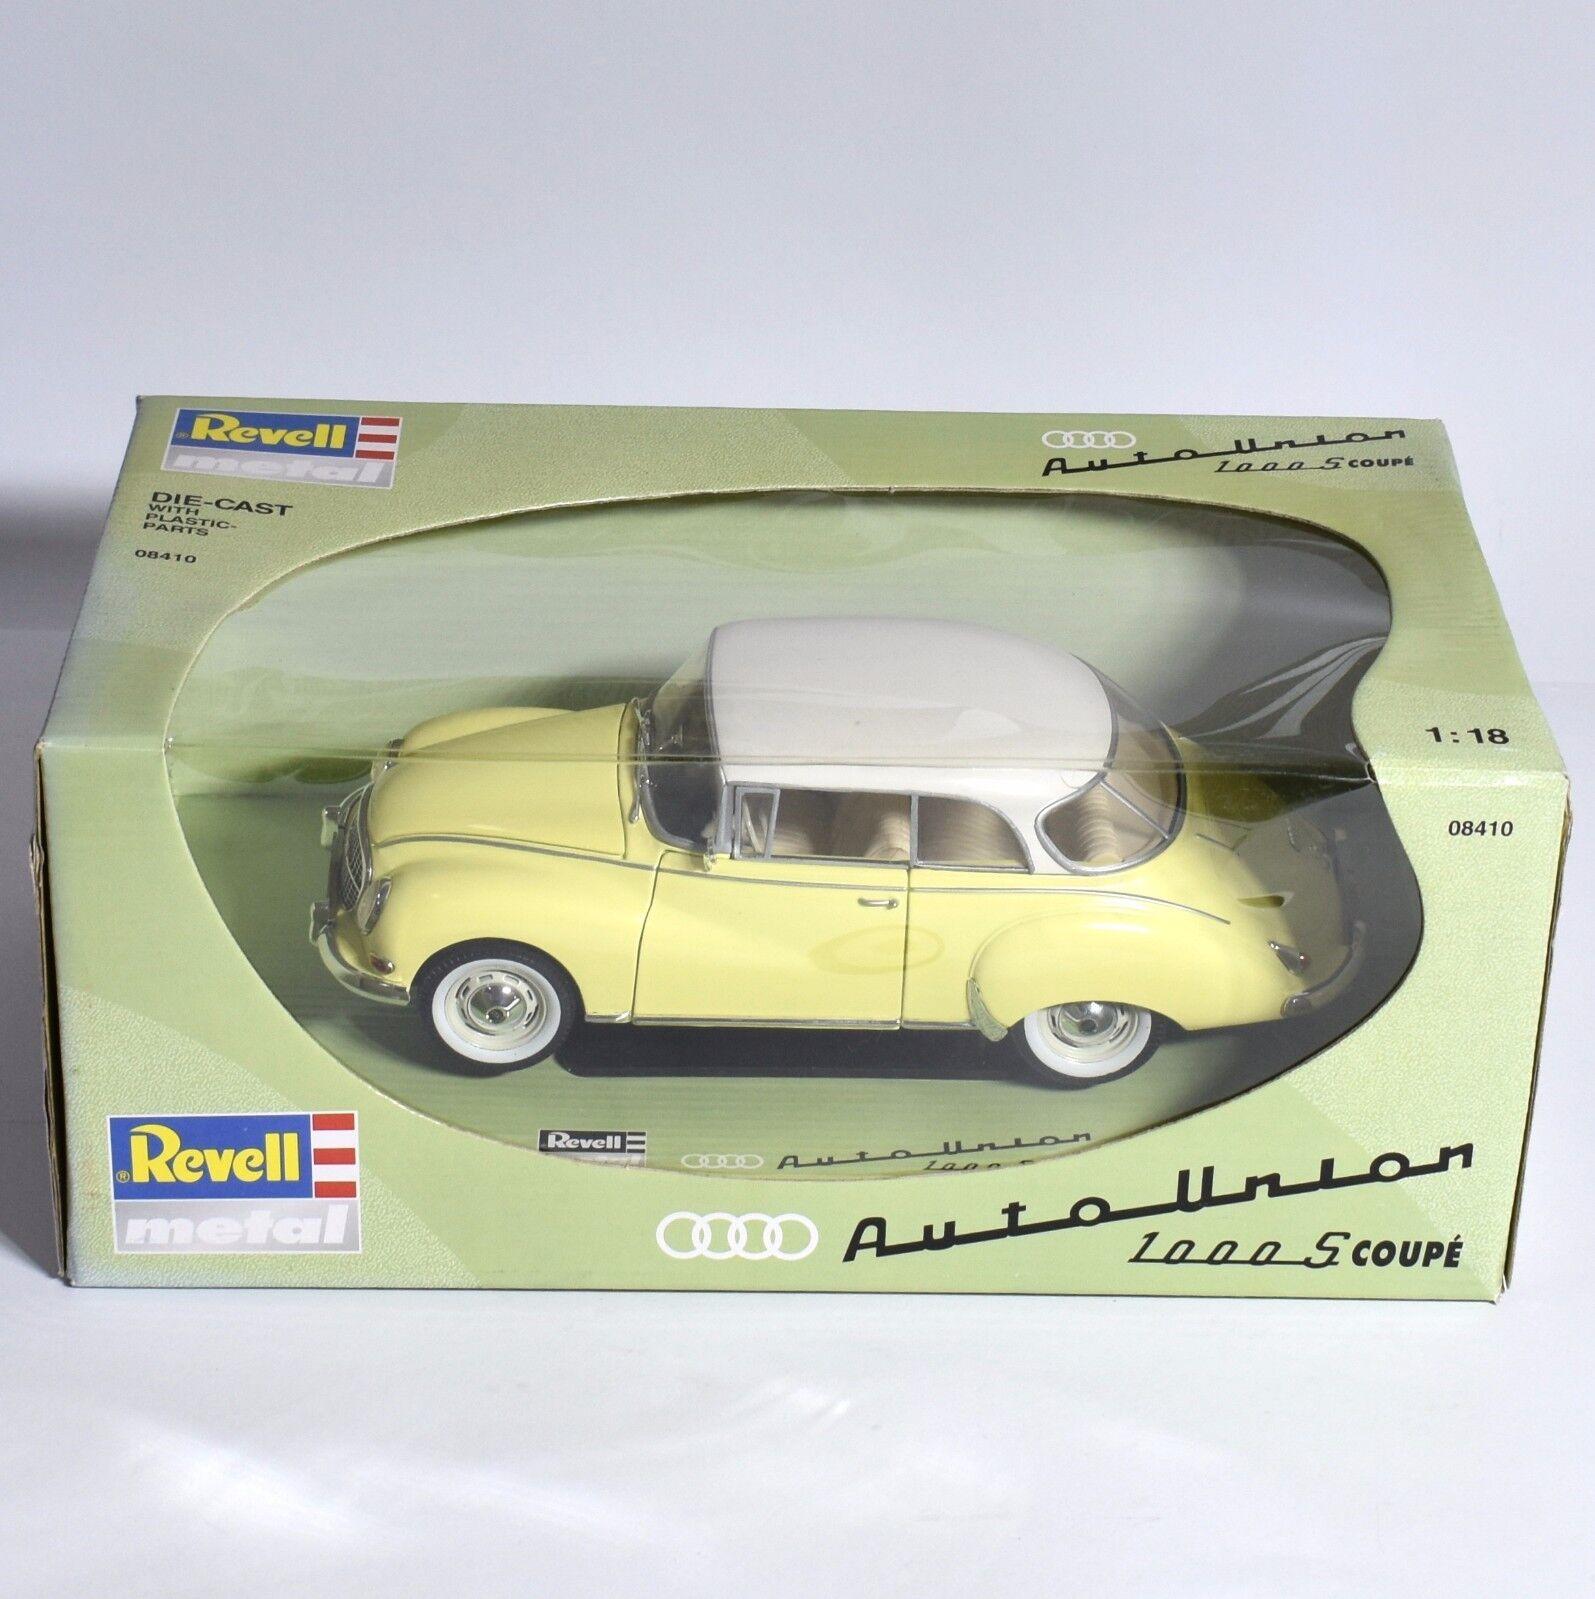 REVELL 08410 Auto Union 1000s SPORT COUPE in giallo verniciato bianco, OVP, 1 18, k015